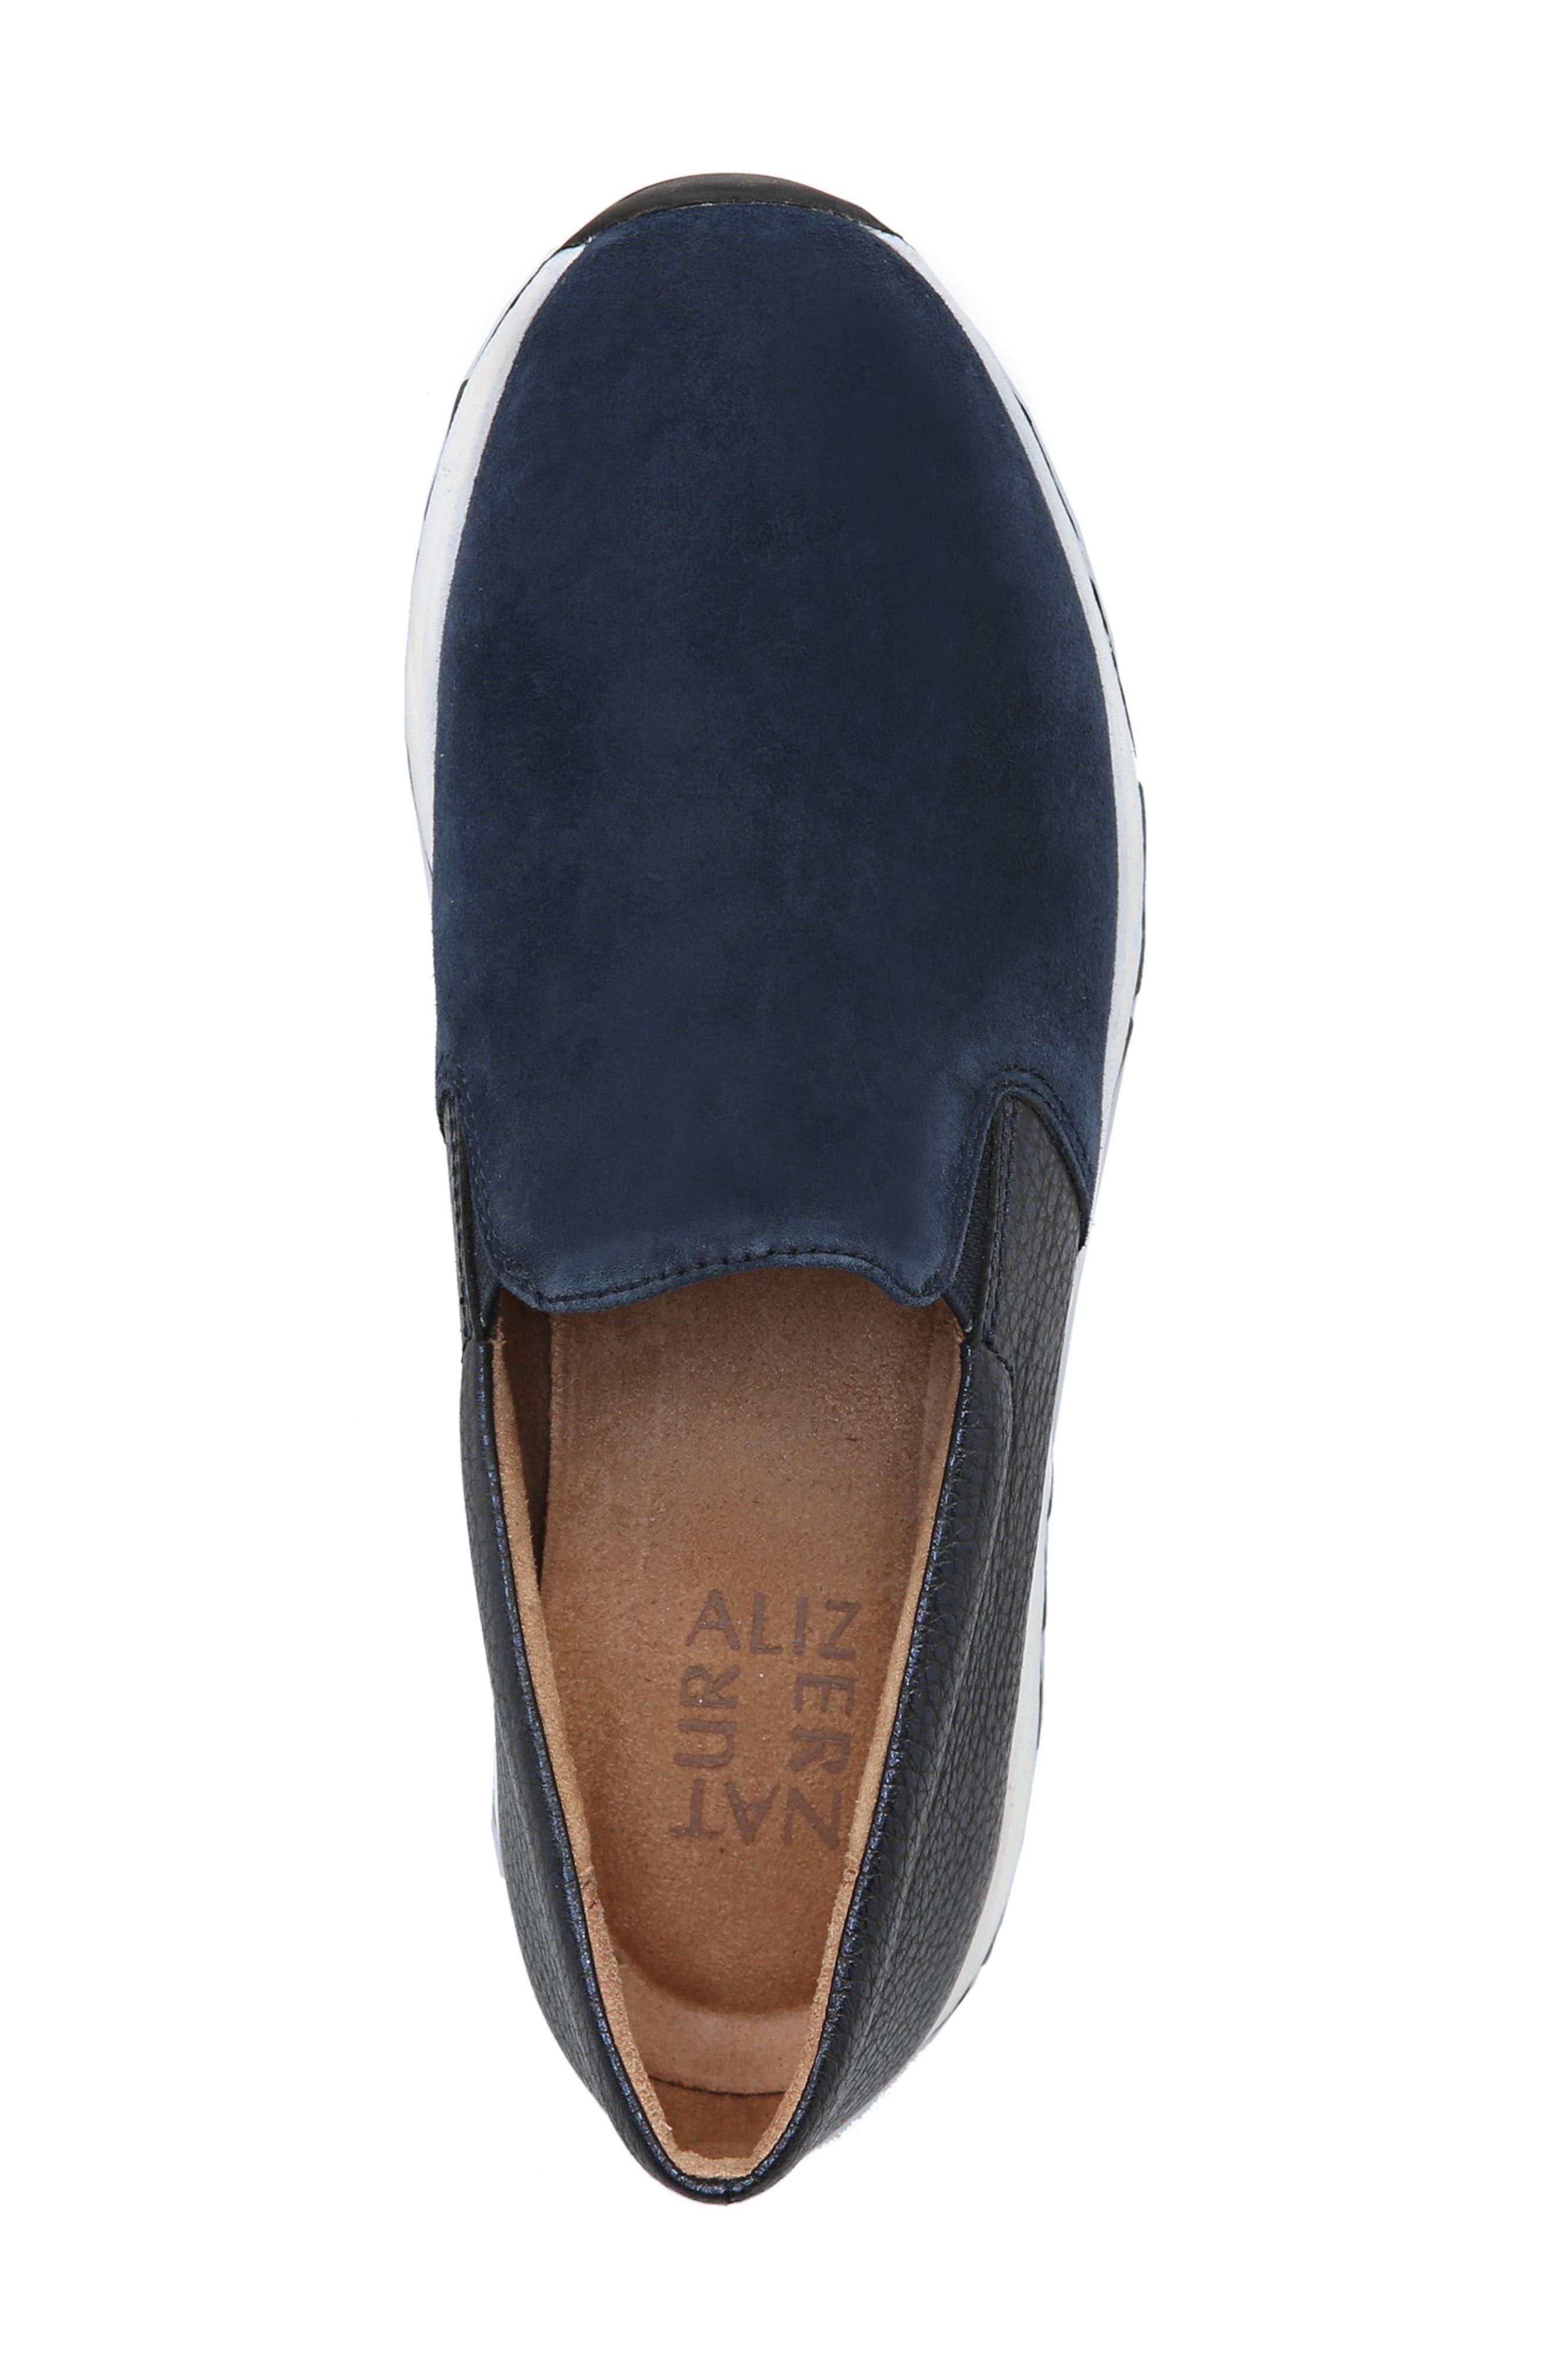 Selah Slip-On Sneaker,                             Alternate thumbnail 5, color,                             INKY NAVY SUEDE